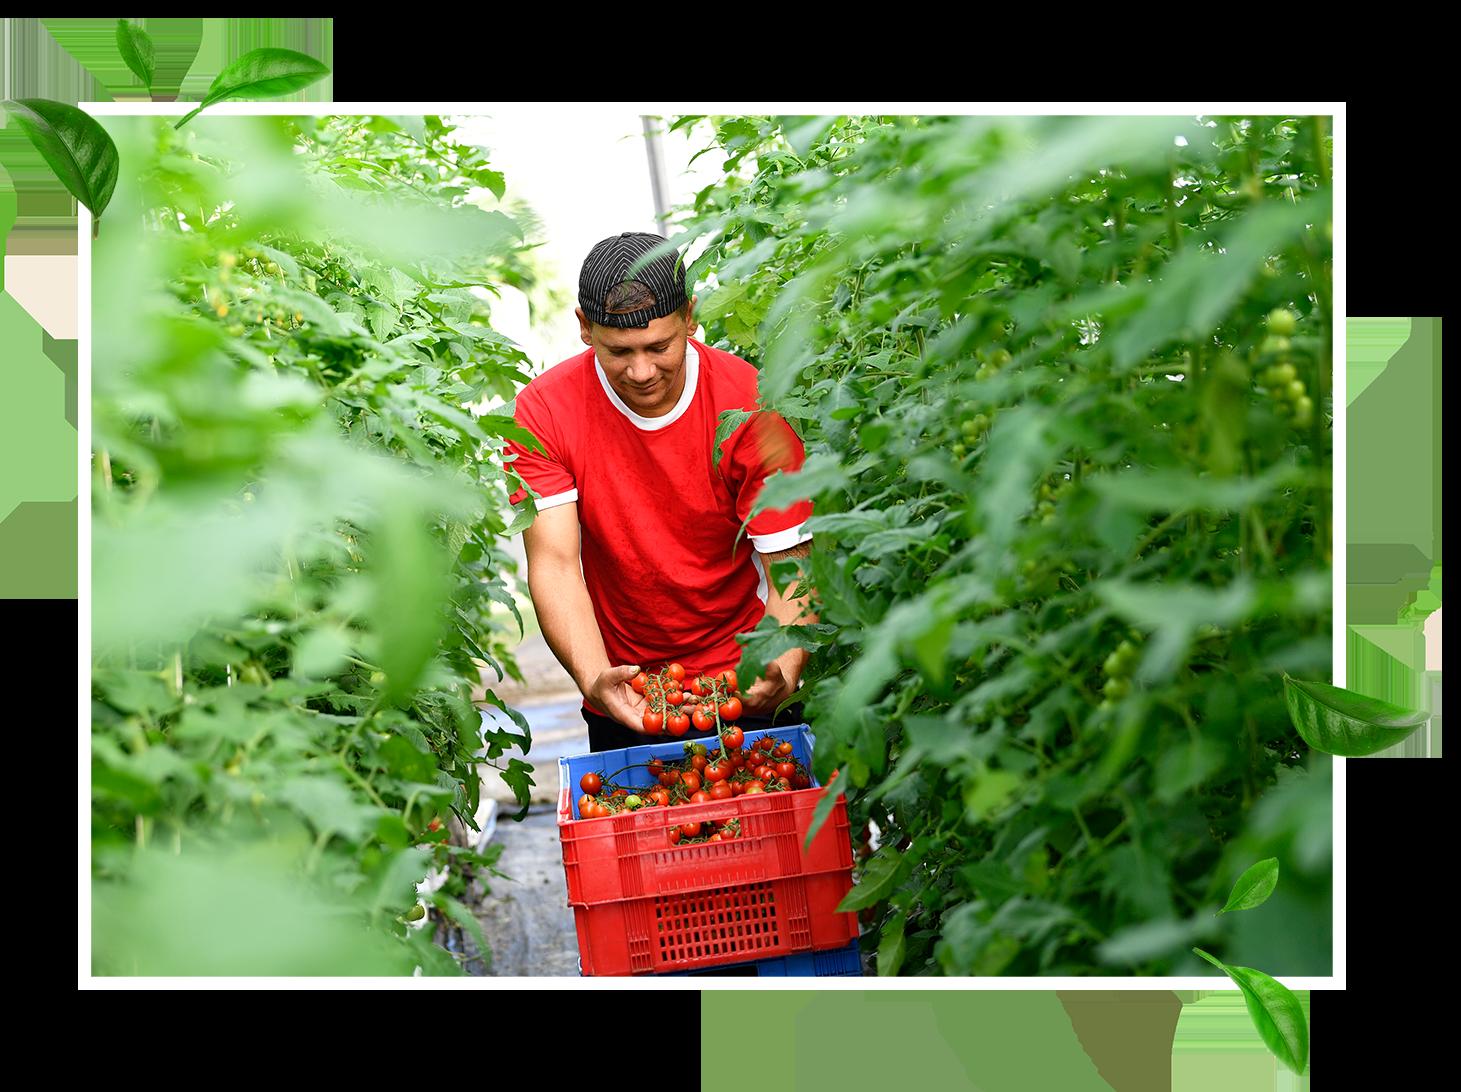 La récolte des fruits et légumes est faite à la main. - Avec le plus grand soin, aux premiers rayons du soleil pour que vous puissiez retrouver, dès le lendemain matin, des fruits et légumes frais en rayon, aux goûts uniques !